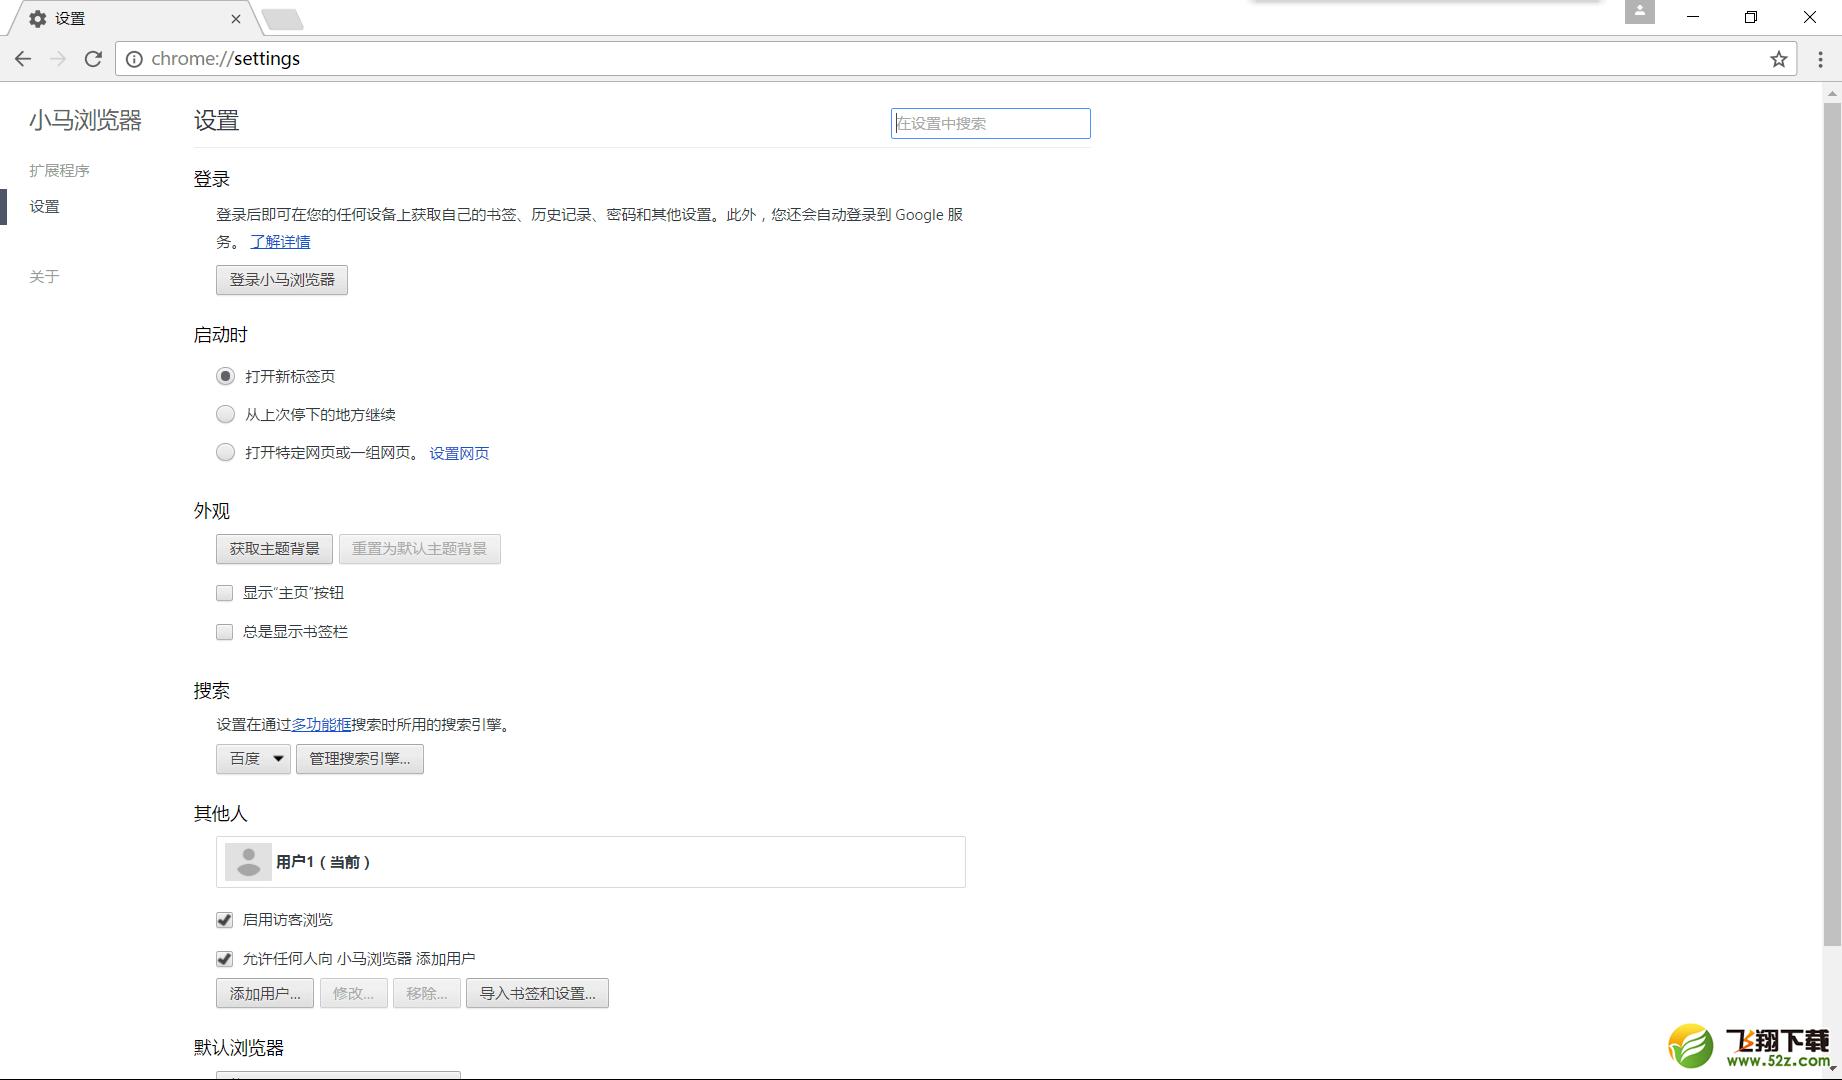 小马浏览器V55.1.0.0 电脑版_52z.com